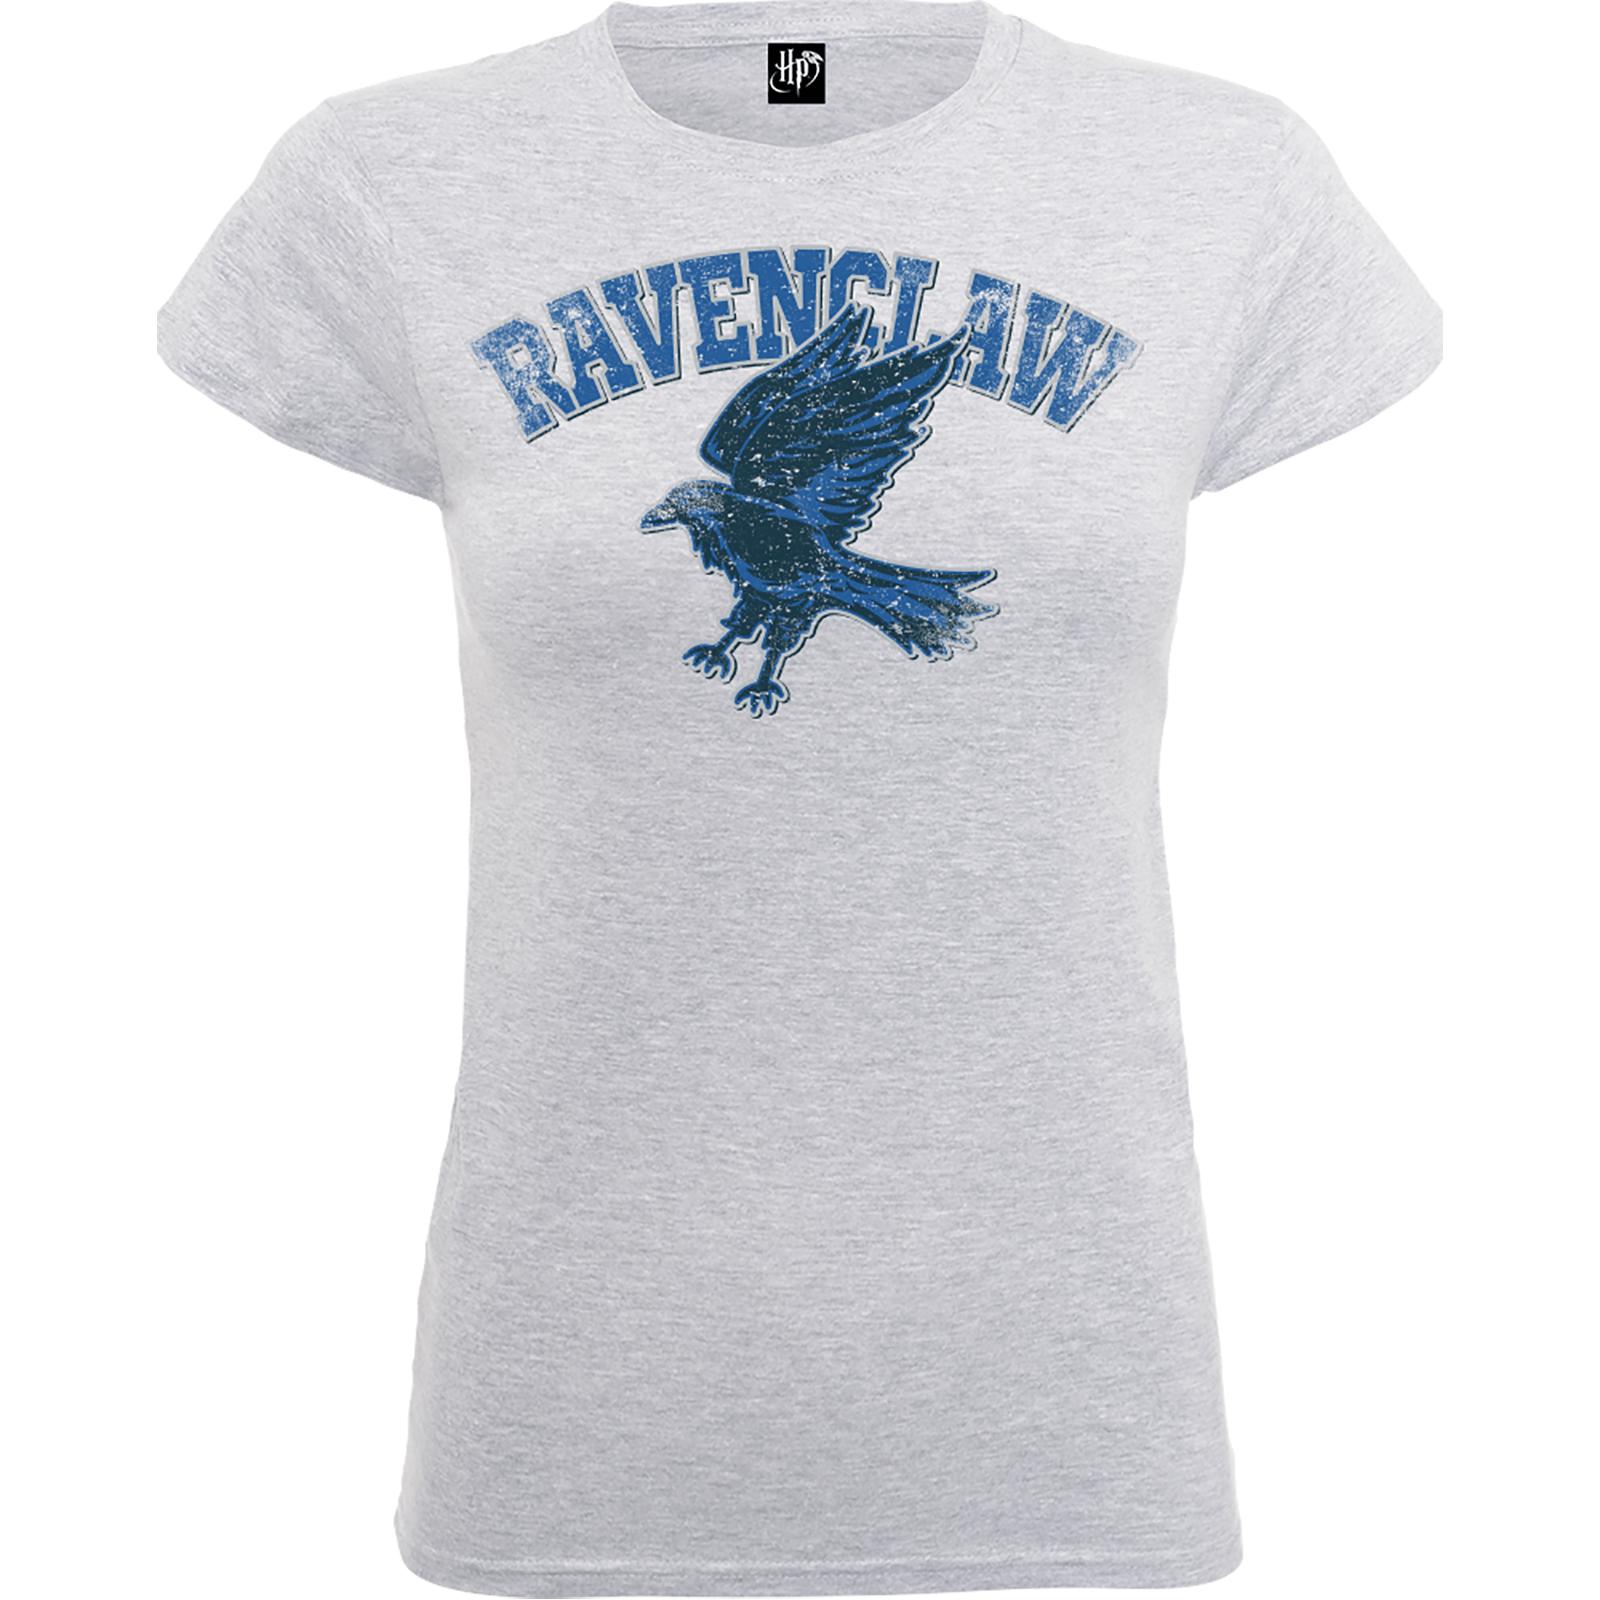 fffff48d1a9d Harry Potter Ravenclaw Women's Grey T-Shirt | IWOOT